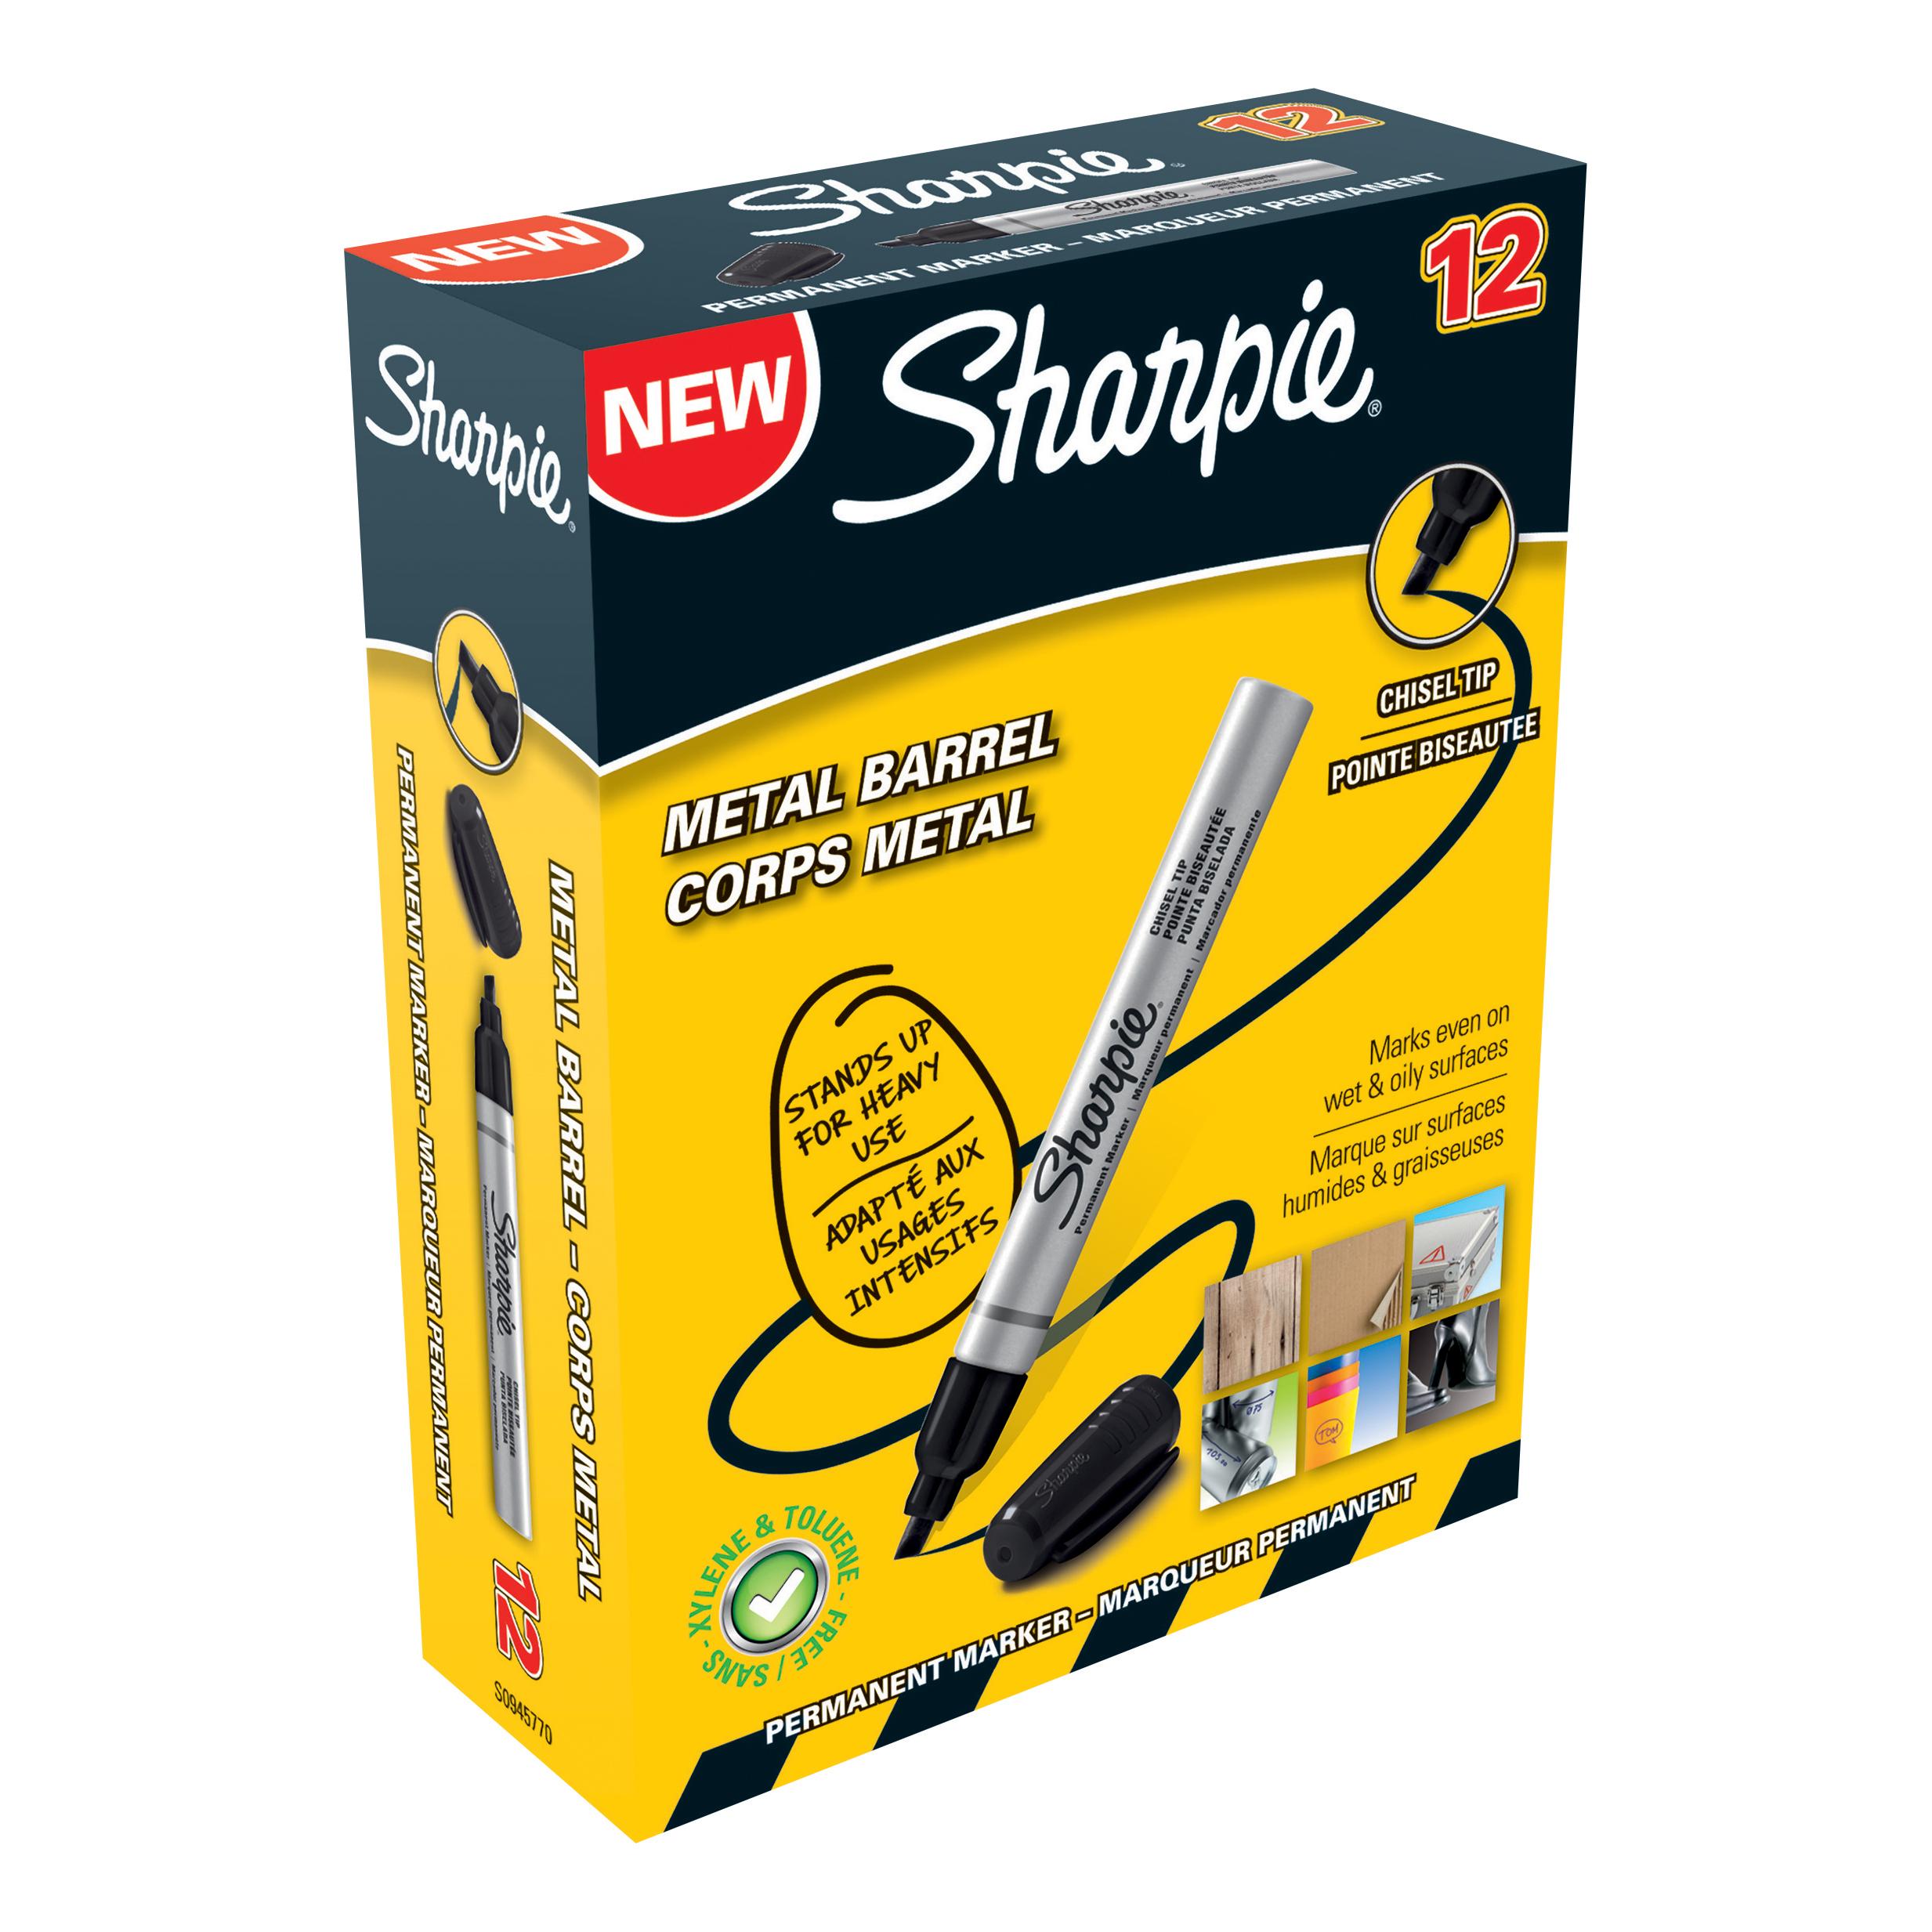 Sharpie Pro Permanent Marker Chisel Tip 1.0-4.0mm Line Black Ref S0945770 [Pack 12]